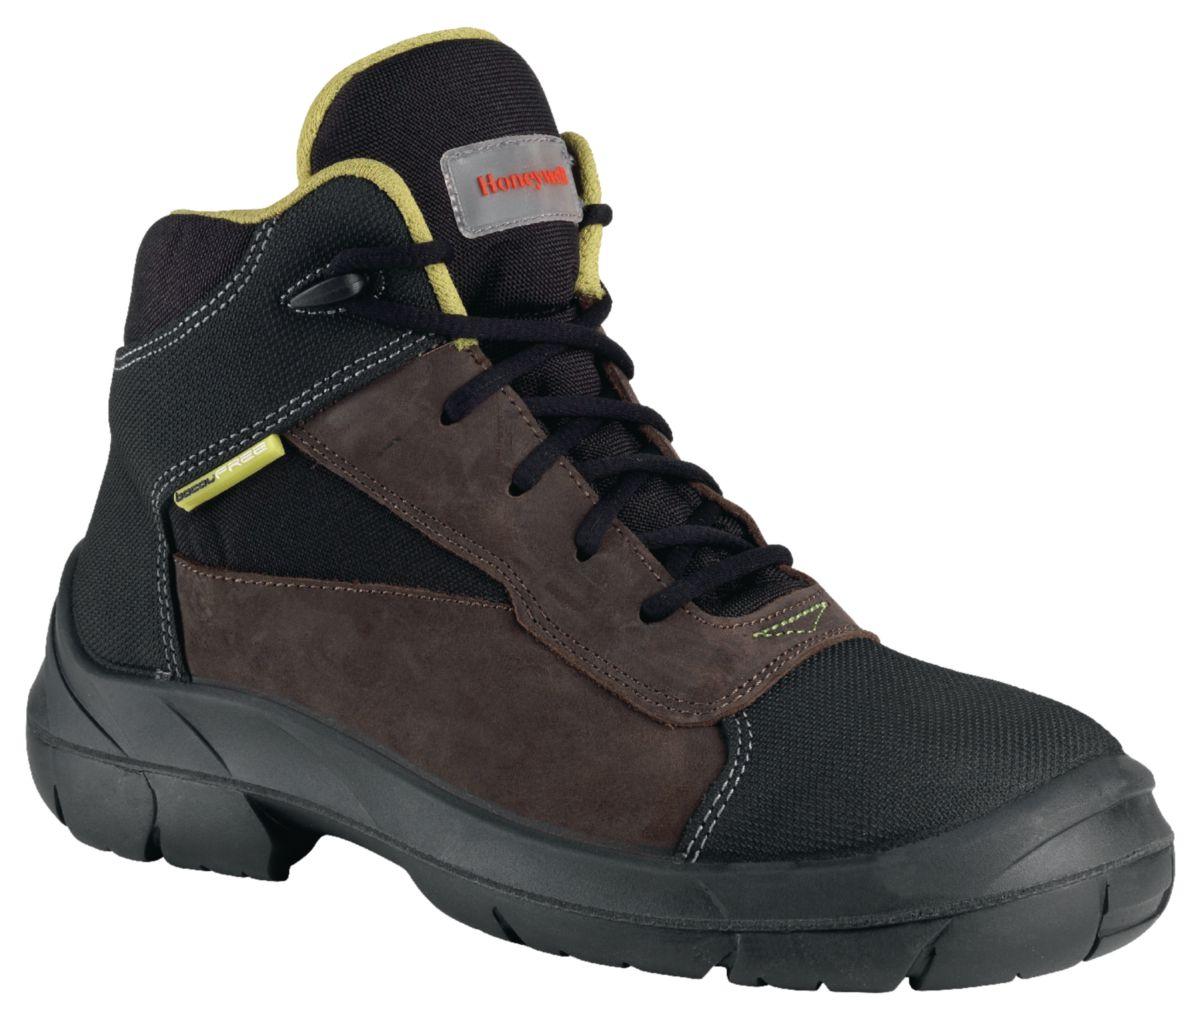 Chaussure de sécurité homme Peak Taille 43